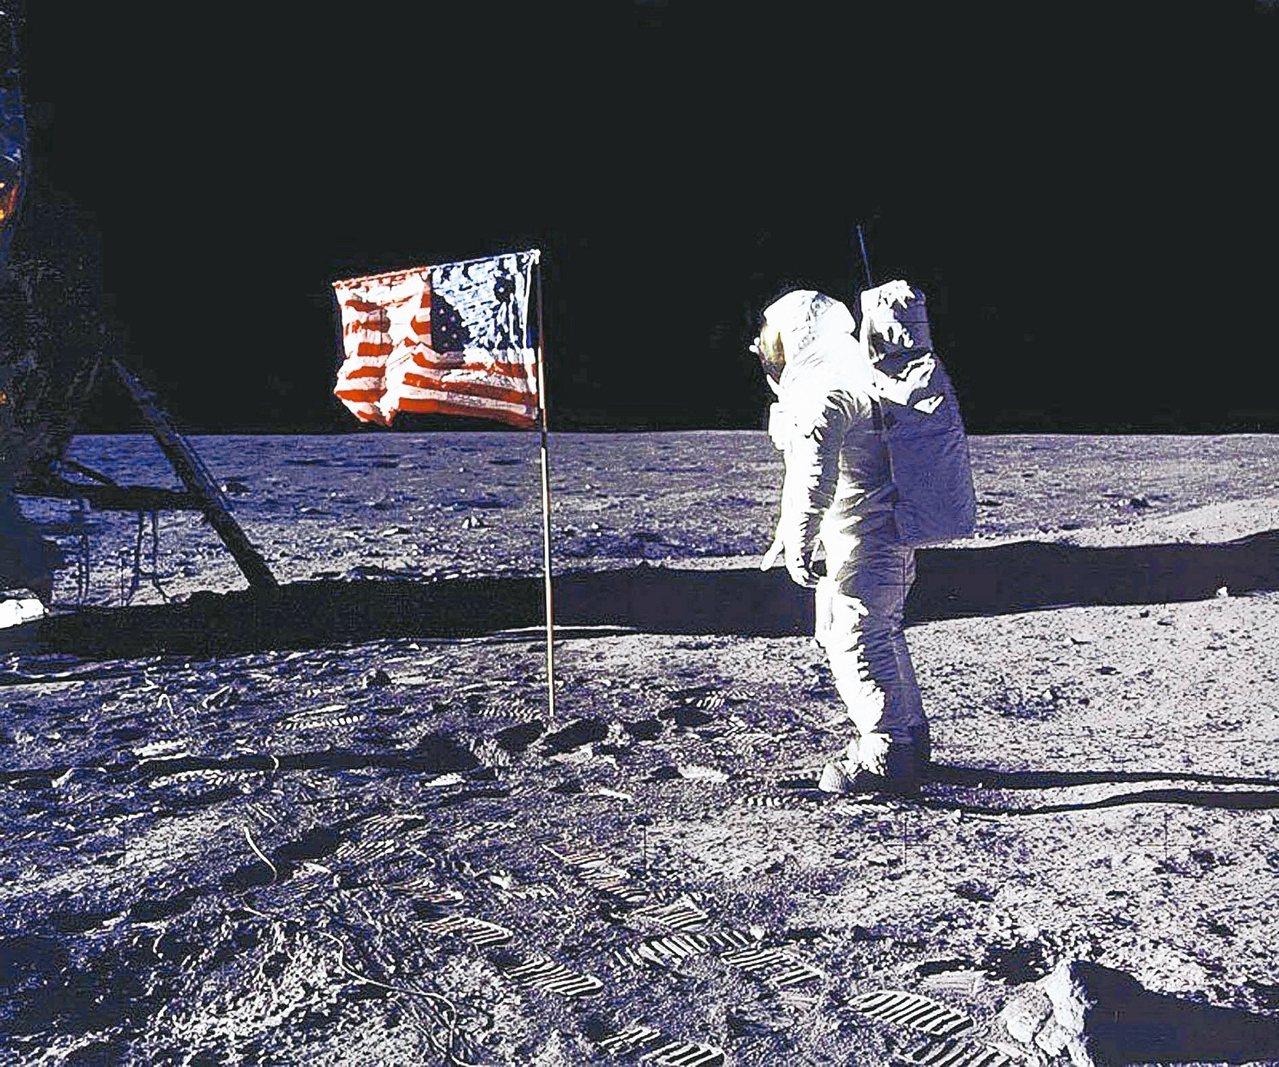 美國太空人艾德林一九六九年,在月球表面向美國國旗敬禮的檔案照。 (法新社)